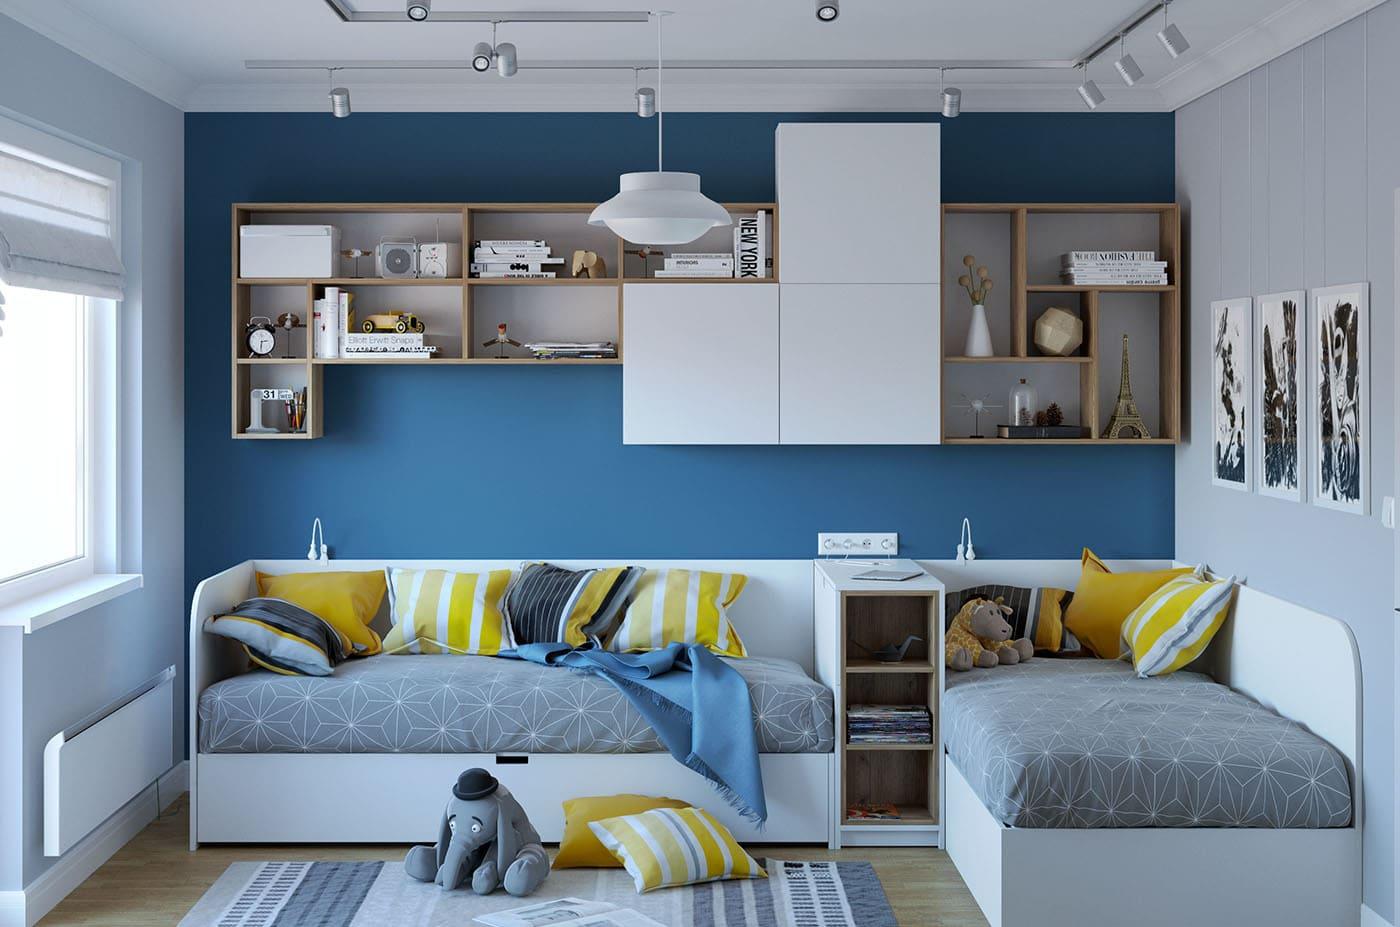 детская комната для детей дошкольного возраста